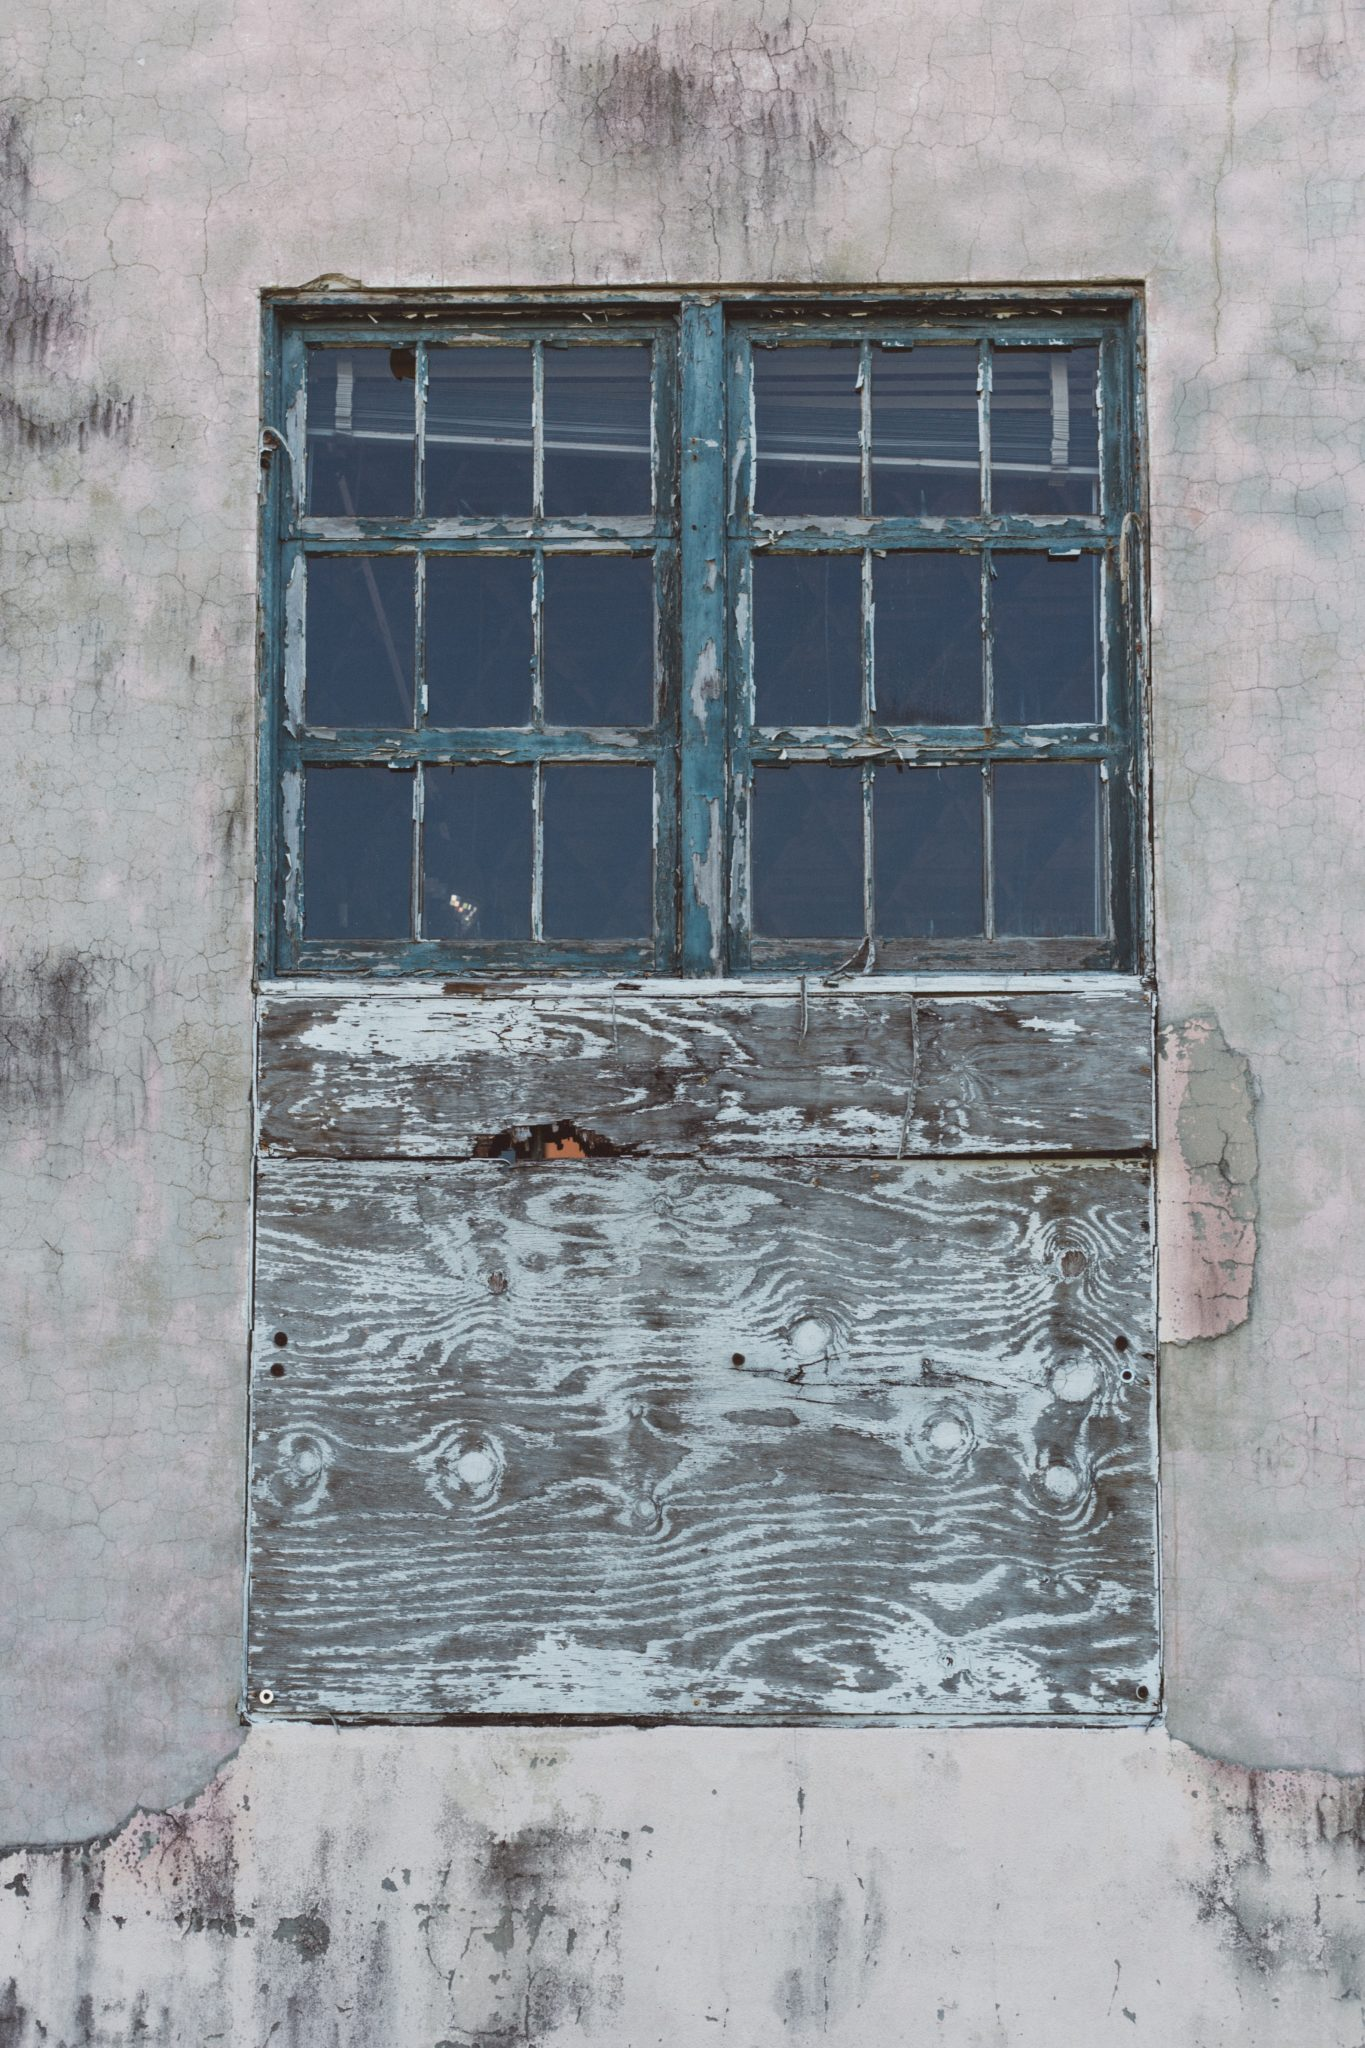 Fenêtre condamnée dans un mur de pierre quoi faire, Trou de fenêtre dans un mur de brique